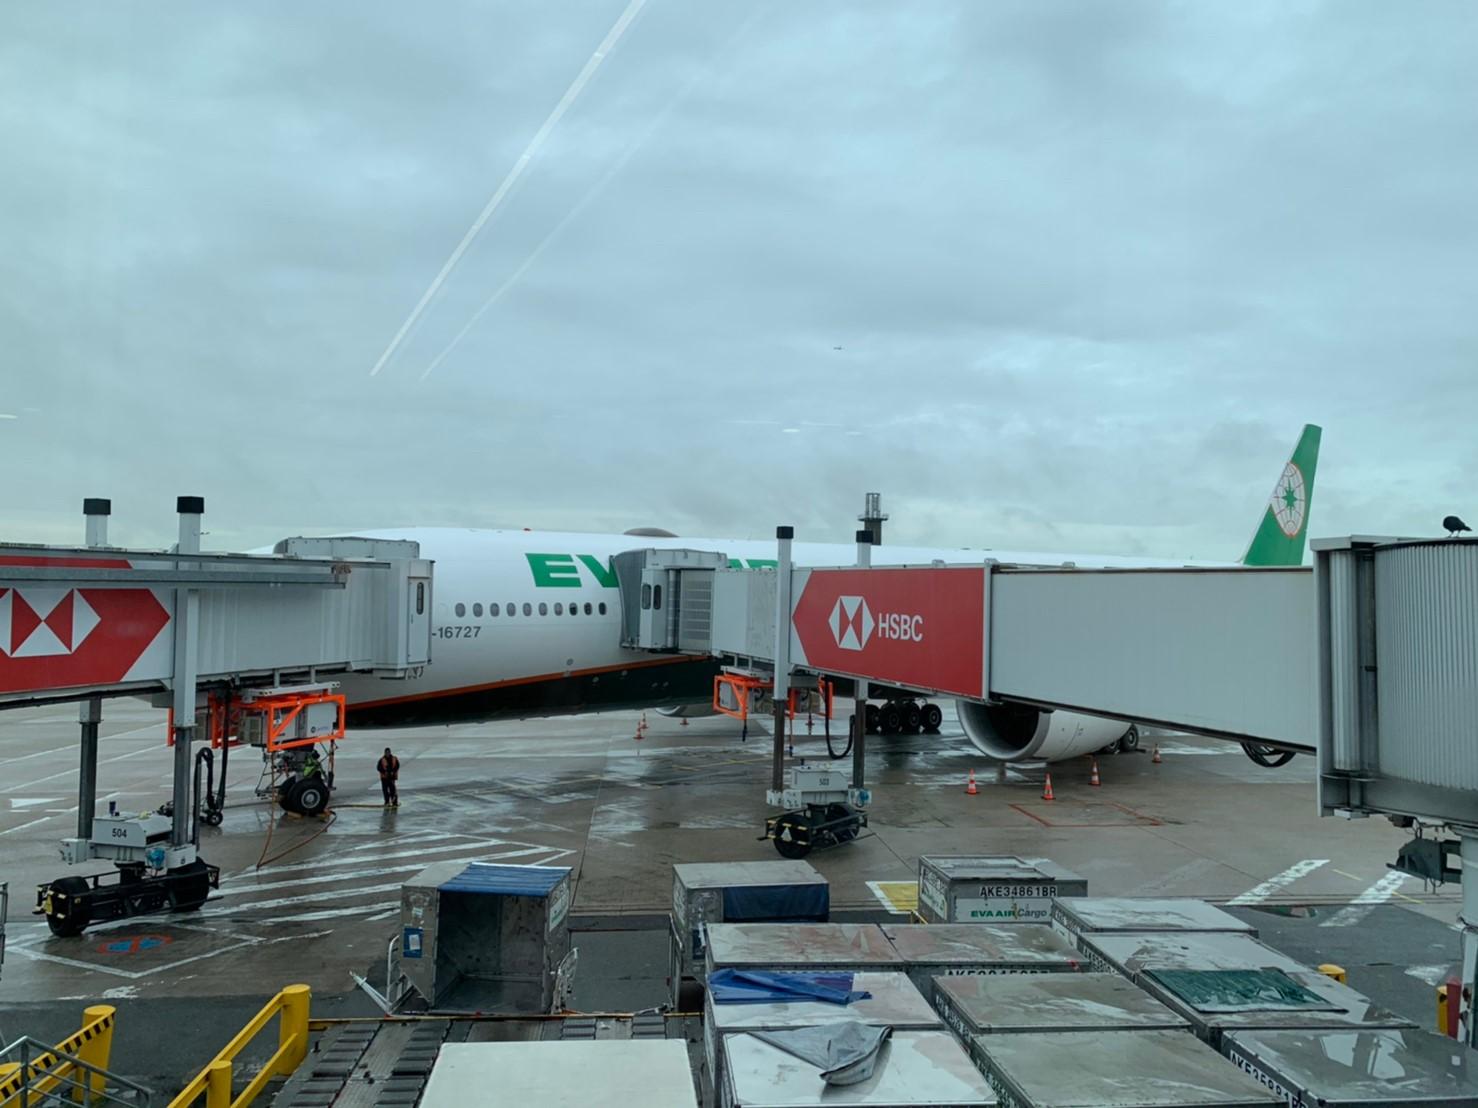 長榮航空直飛巴黎|777-300BR,給你直飛舒適的超值享受體驗